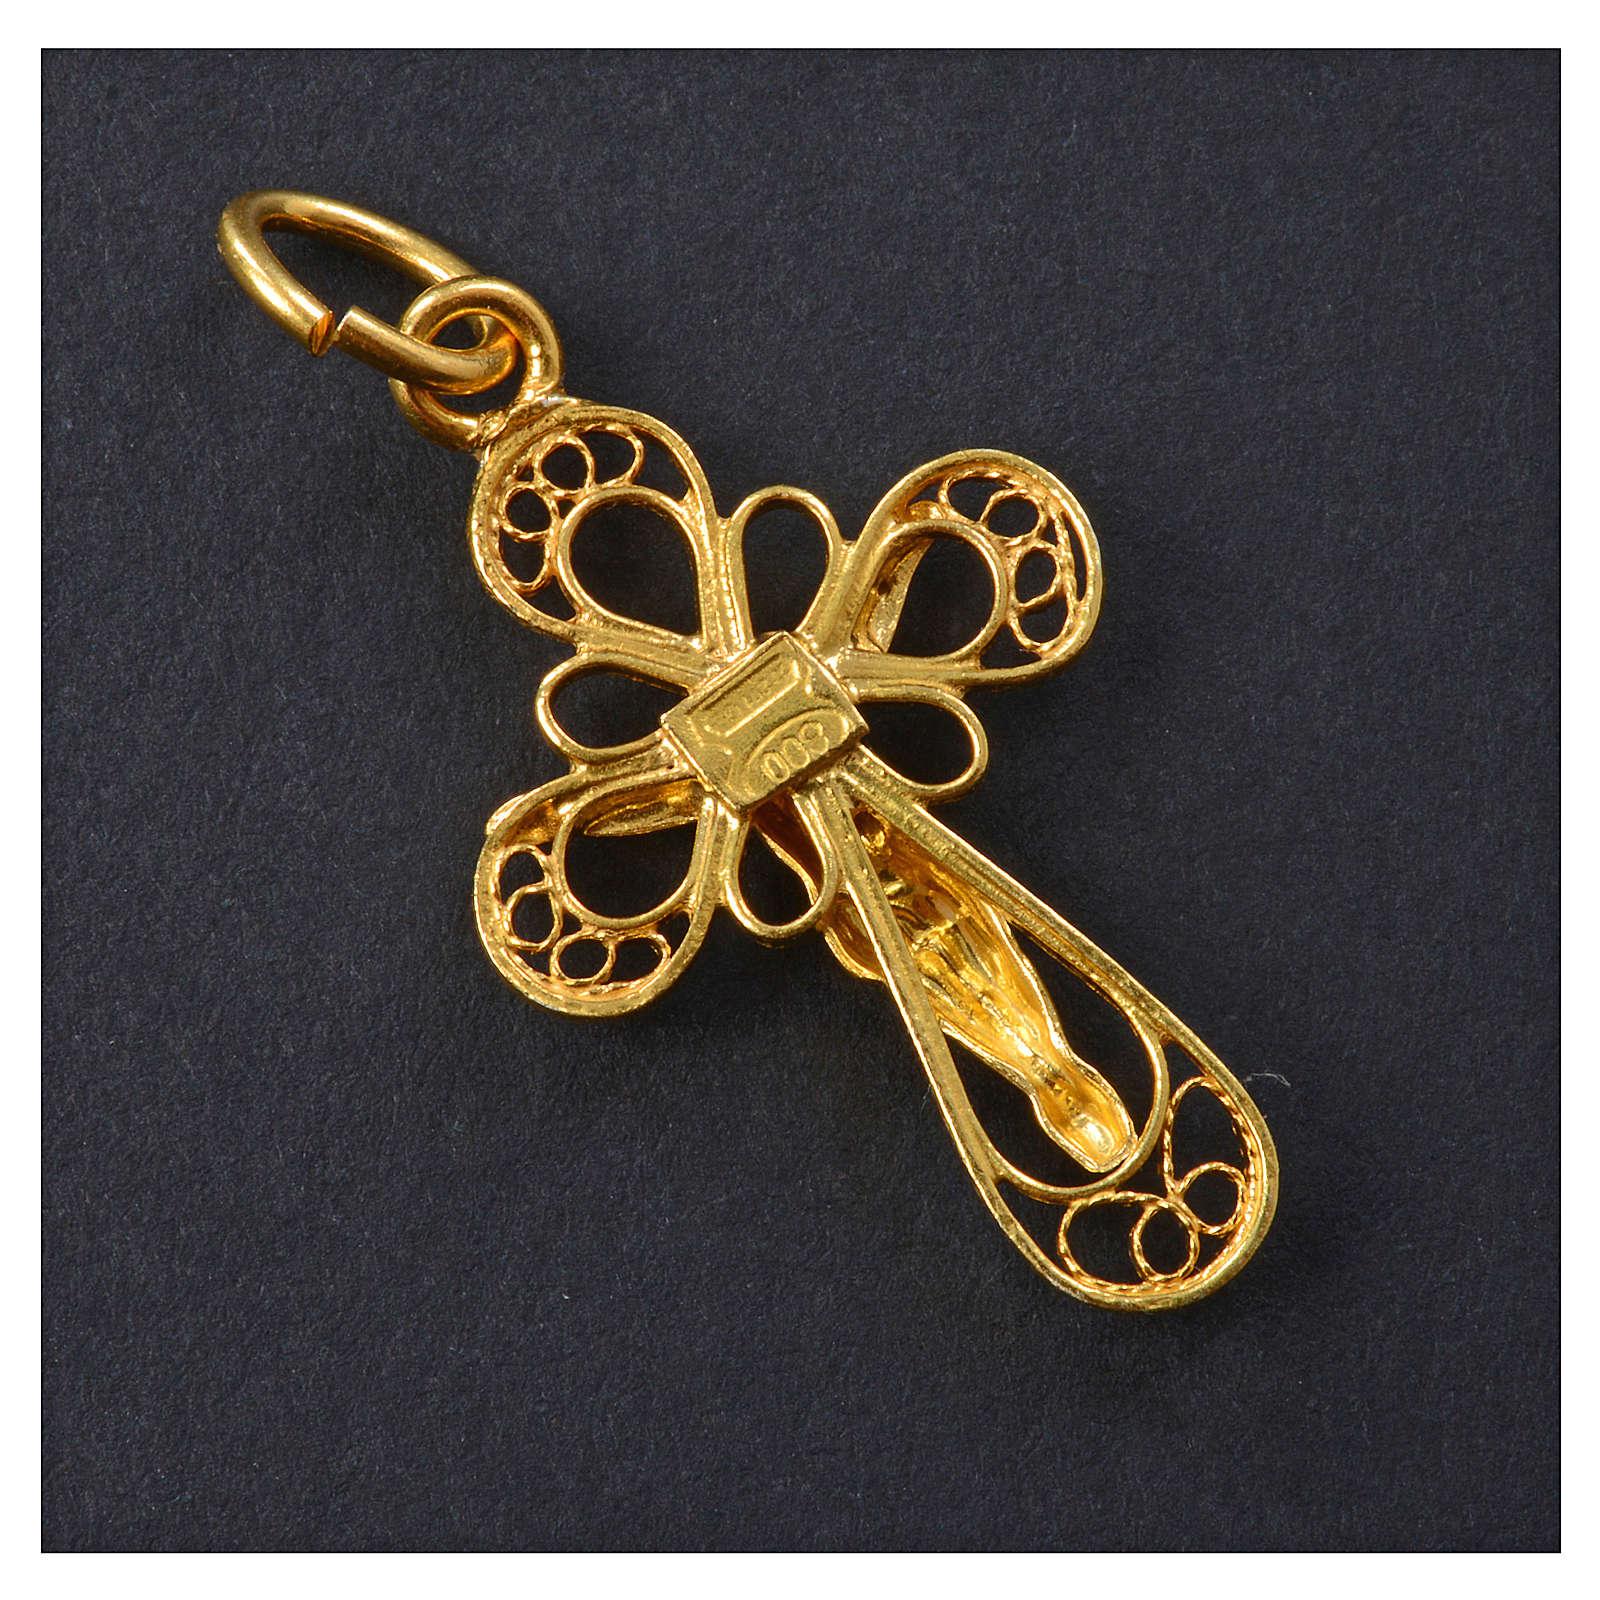 Croce in filigrana Argento 800 bagno oro 4